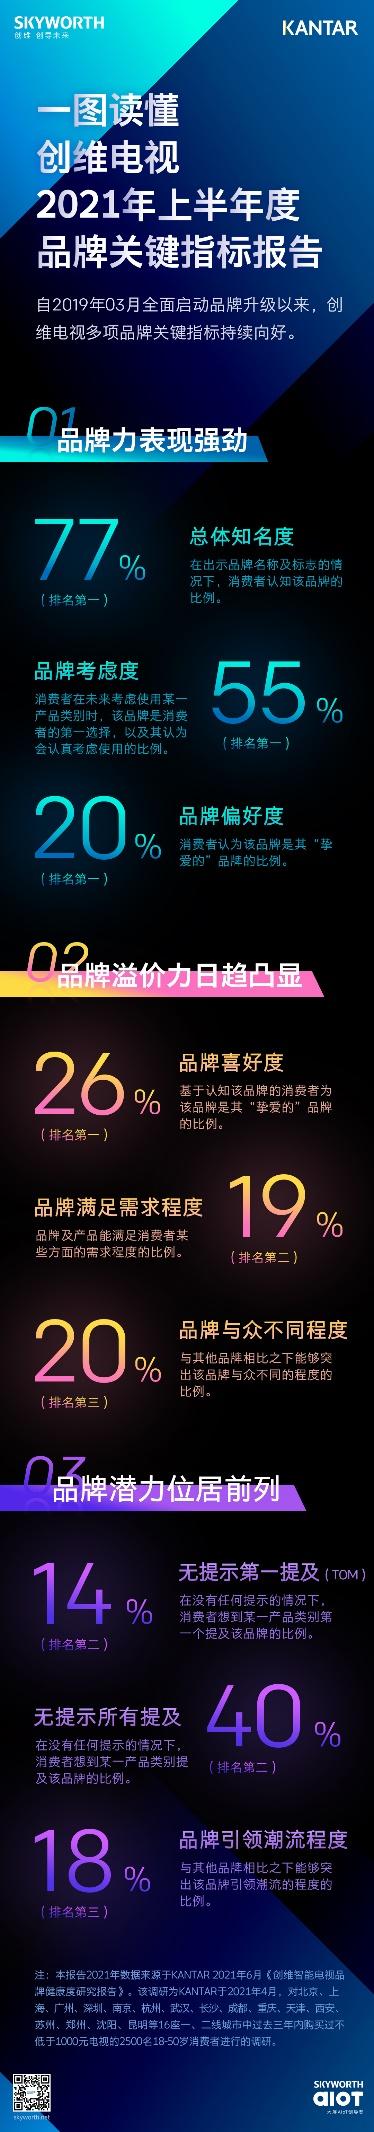 一图读懂创维电视上半年品牌关键数据 多项指标居行业前列